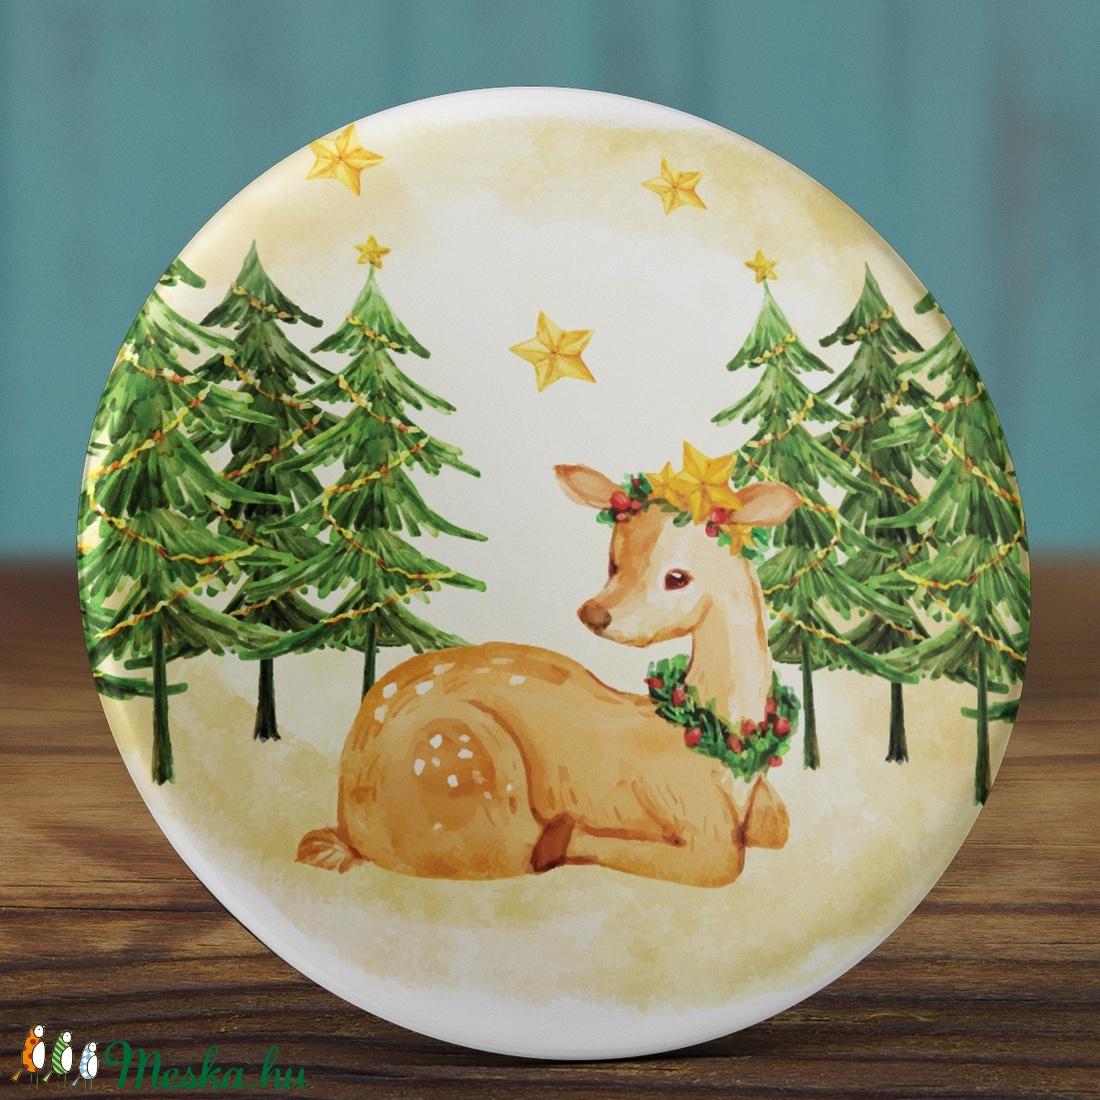 Karácsonyi mágnes - Szarvas hűtőmágnes - őz mágnes - karácsony mágnes - őzike mágnes - karácsony ajándék - karácsonyfa (AngelPin) - Meska.hu